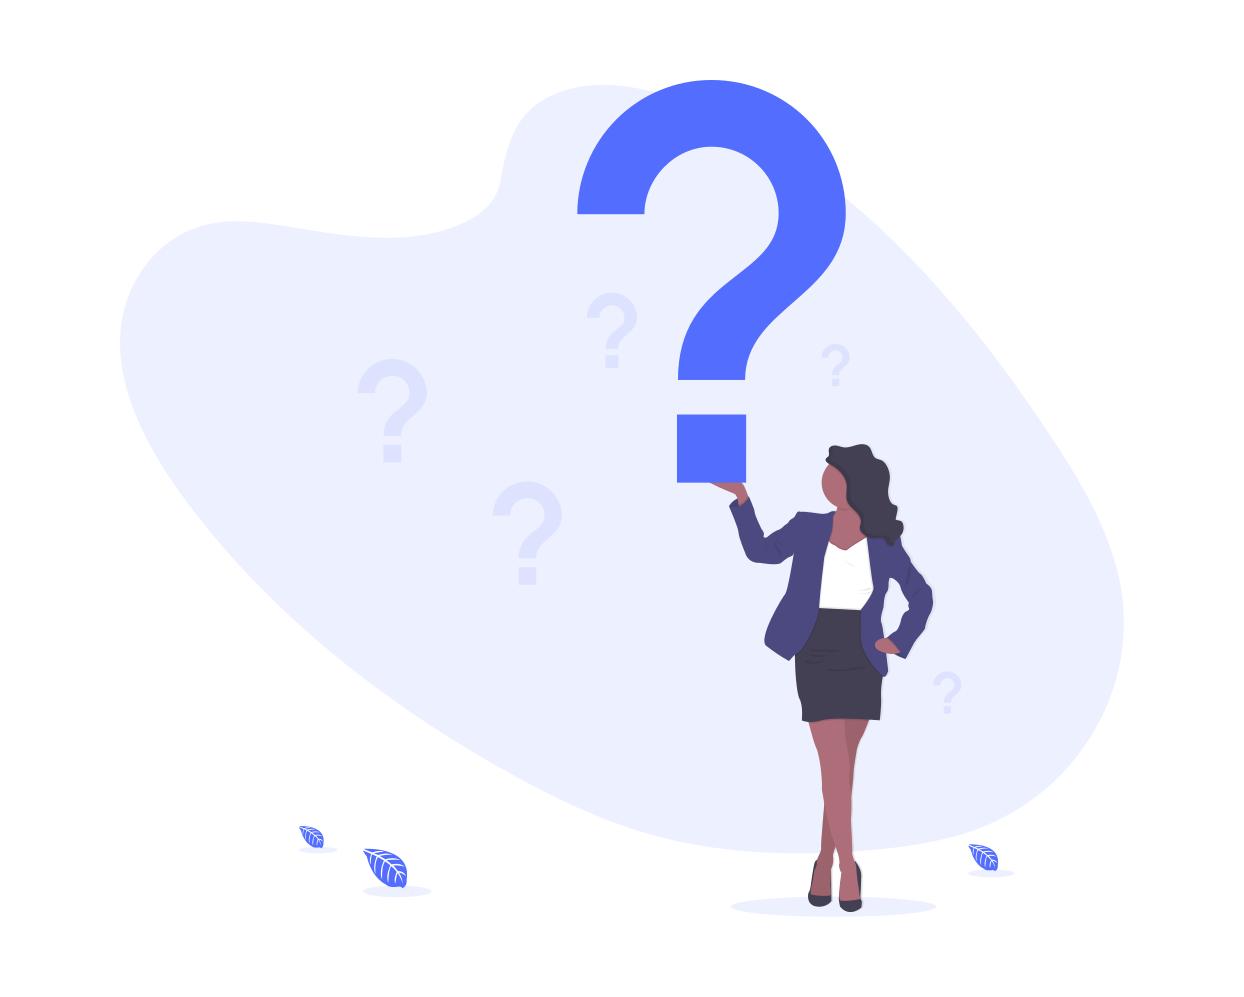 undraw_questions_75e0